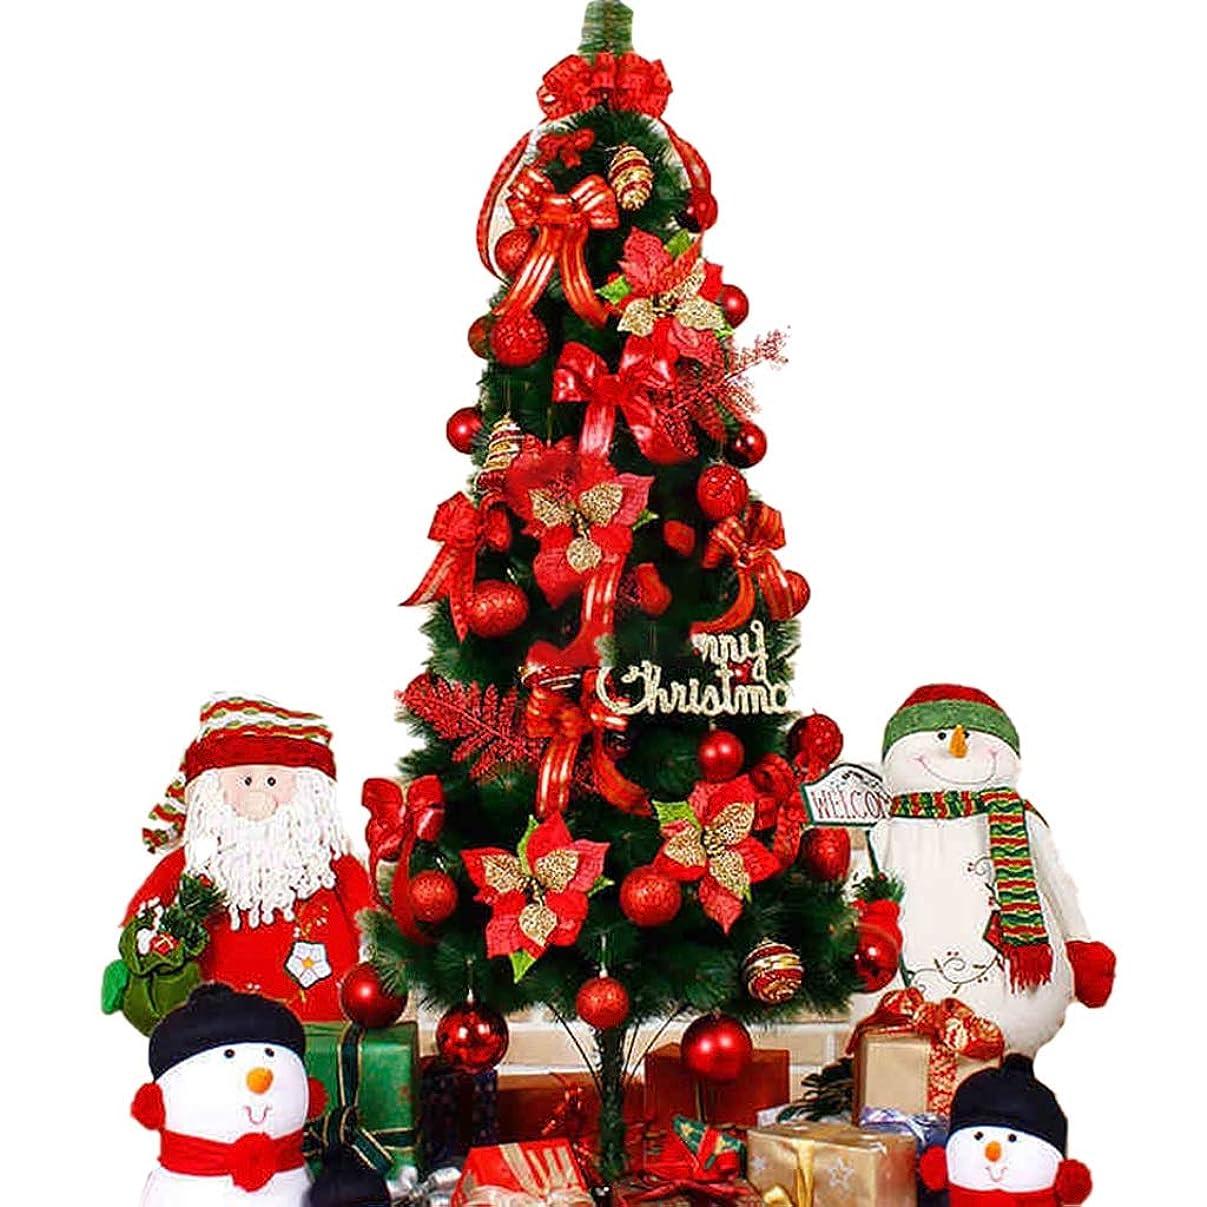 締めるクレータードラゴンクリスマスツリー クリスマスツリー 人工木 クリスマスの飾り 子供のおもちゃ クリスマスプレゼント (Color : Green, Size : 180cm (70.9 inch))